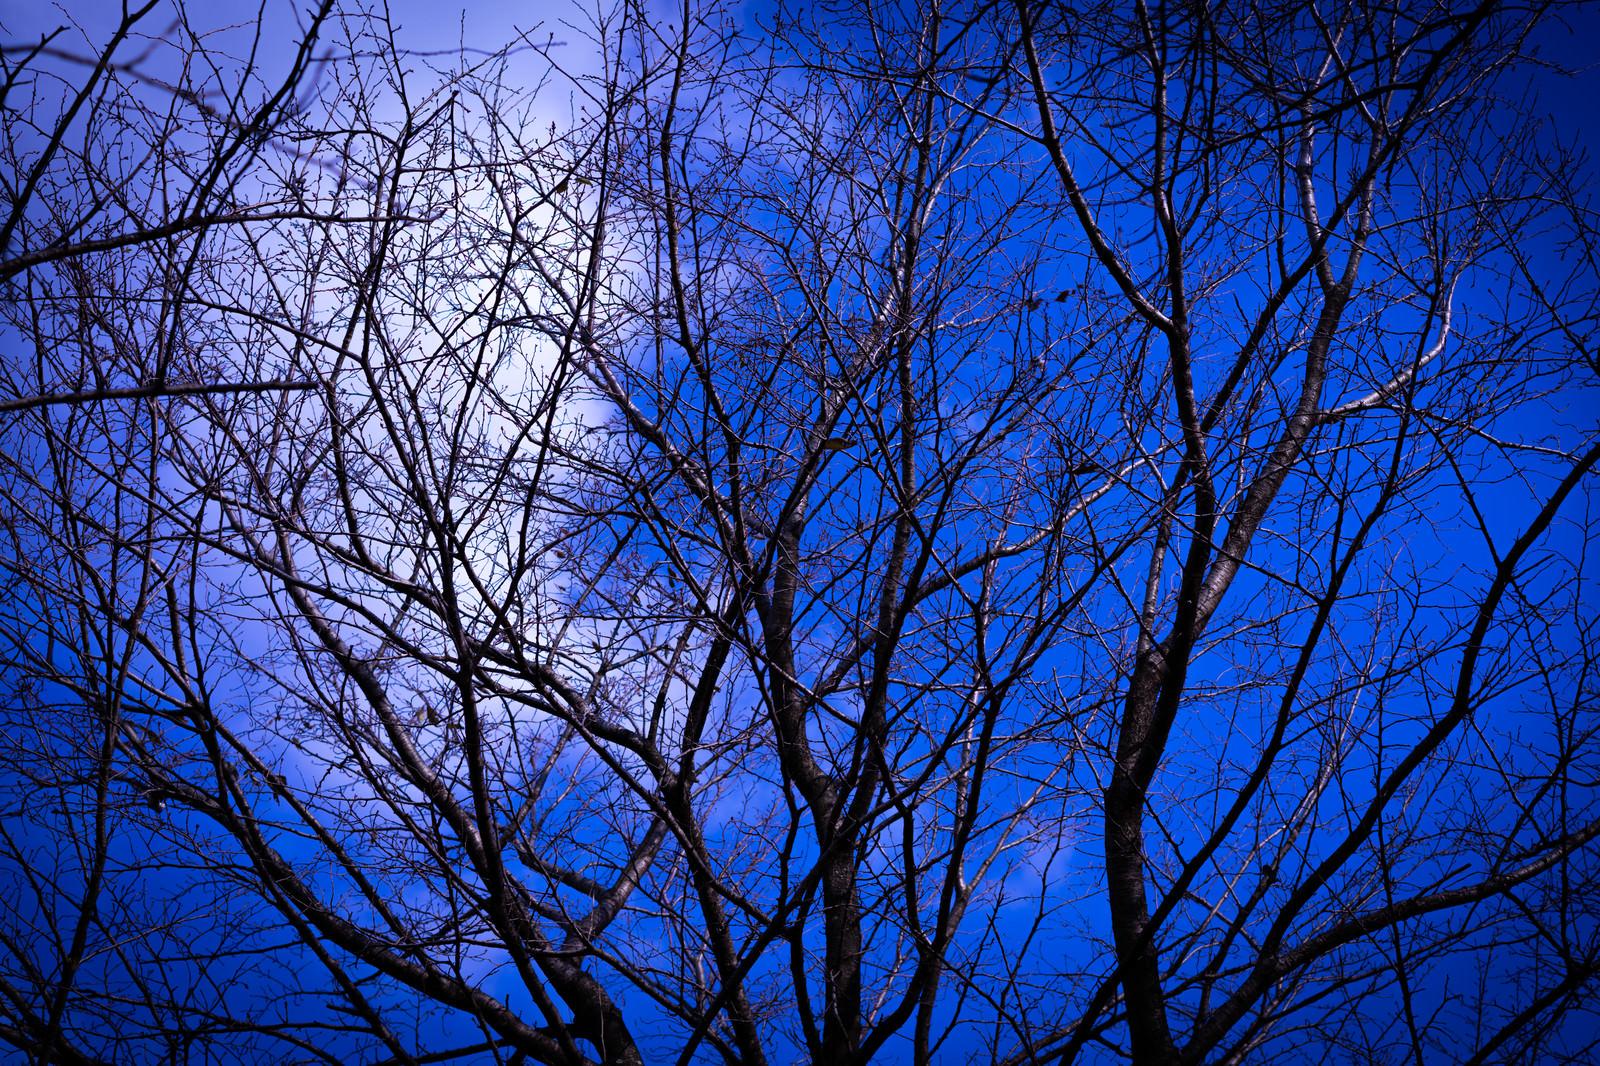 「木枯」の写真